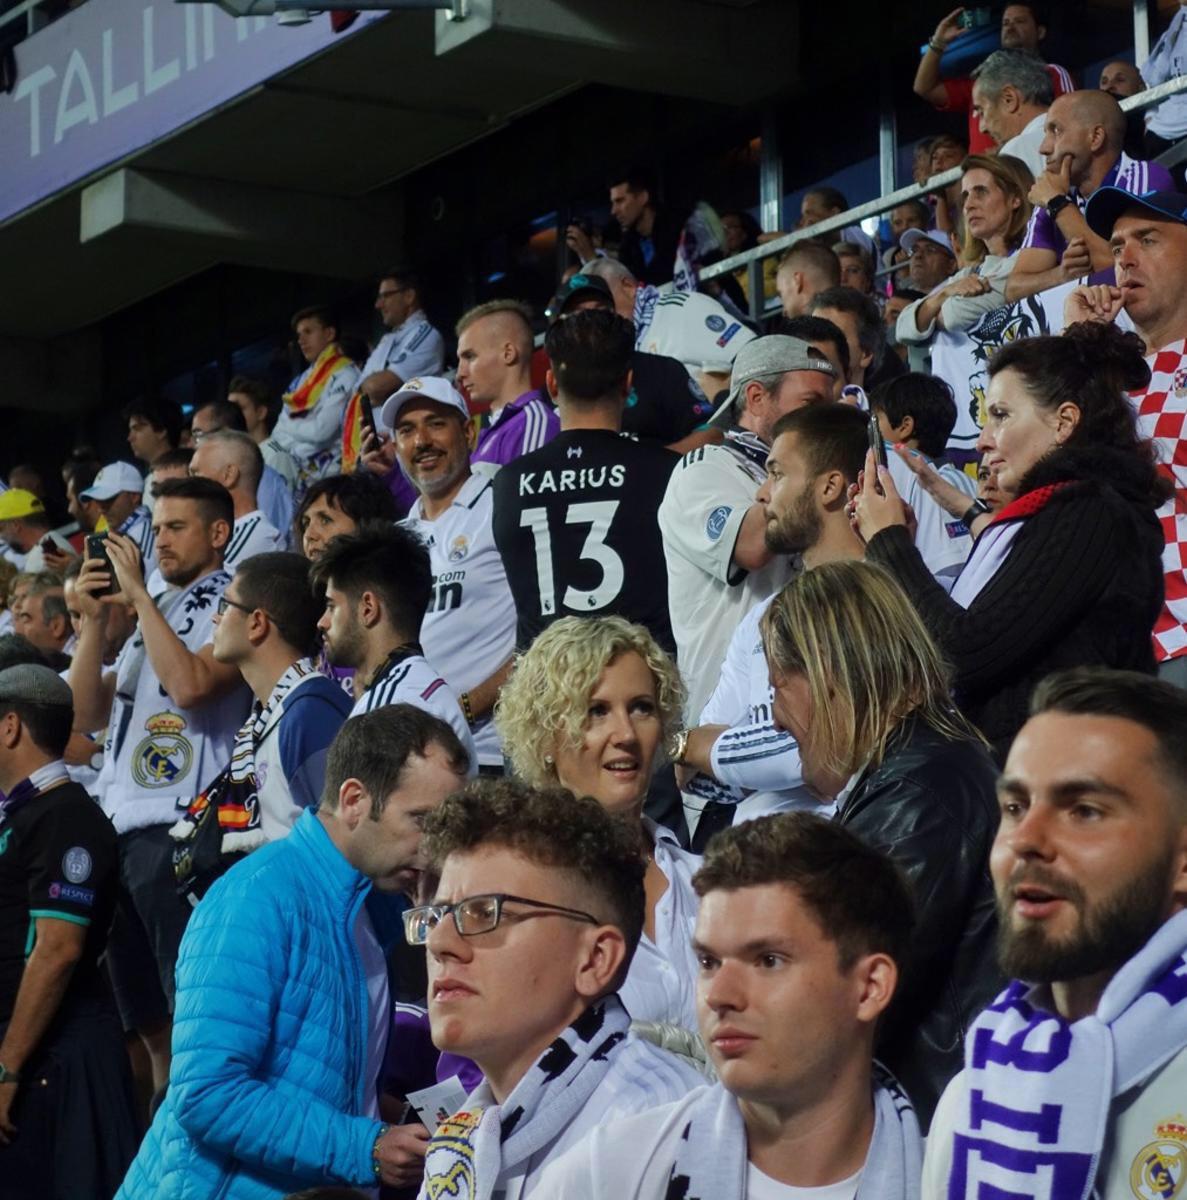 皇马球迷穿卡里乌斯球衣助威 可惜对面13号是大神